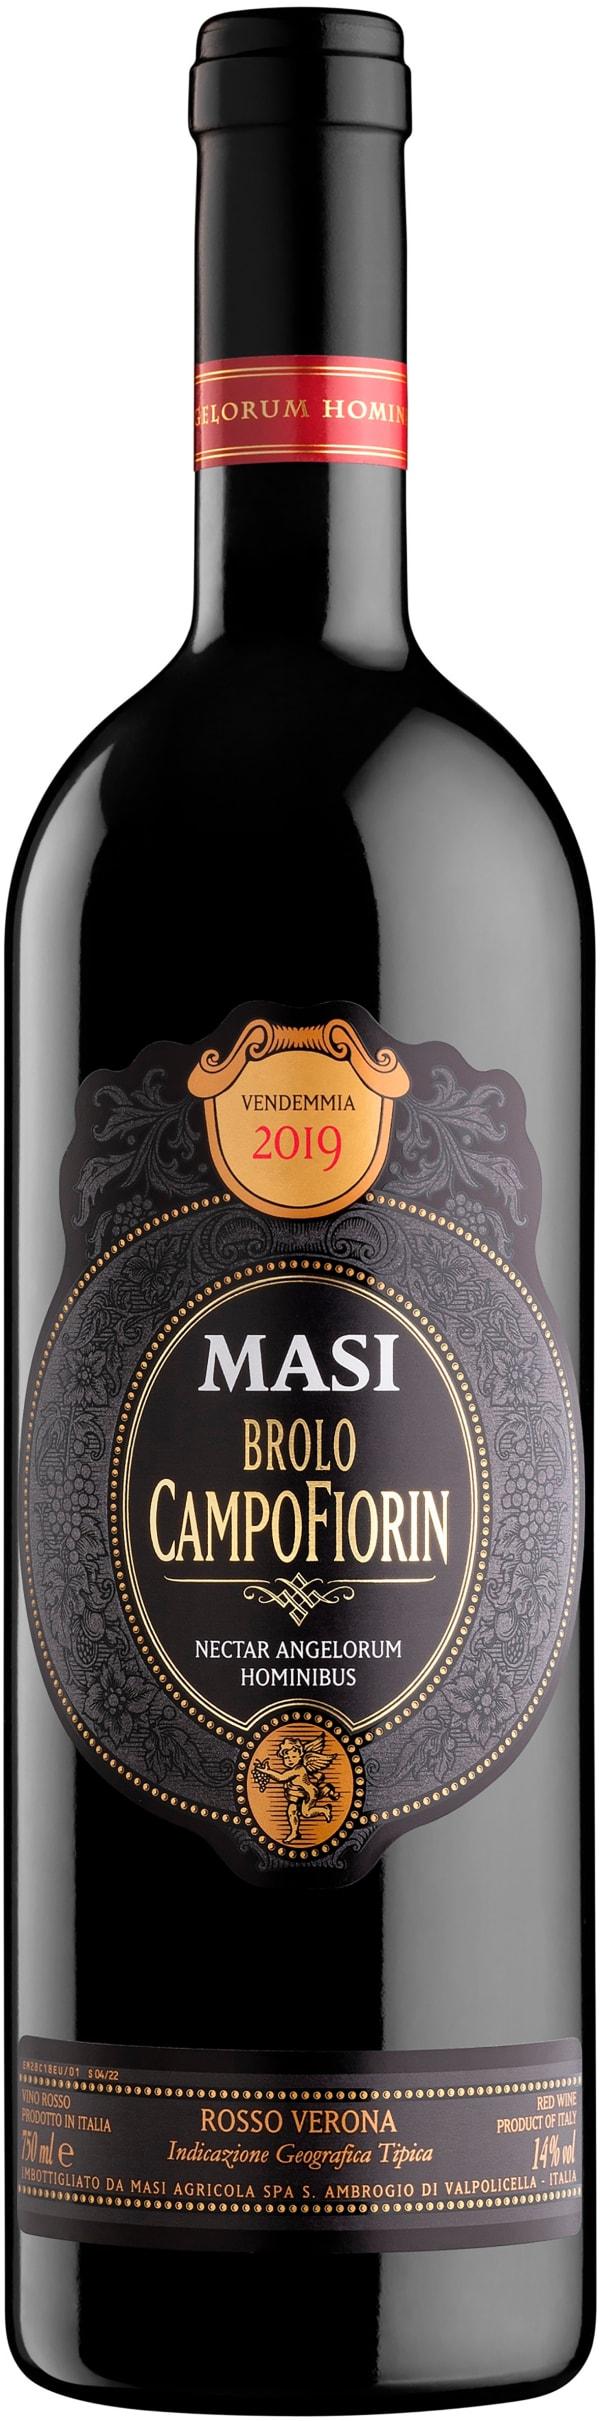 Masi Brolo Campofiorin Oro 2017